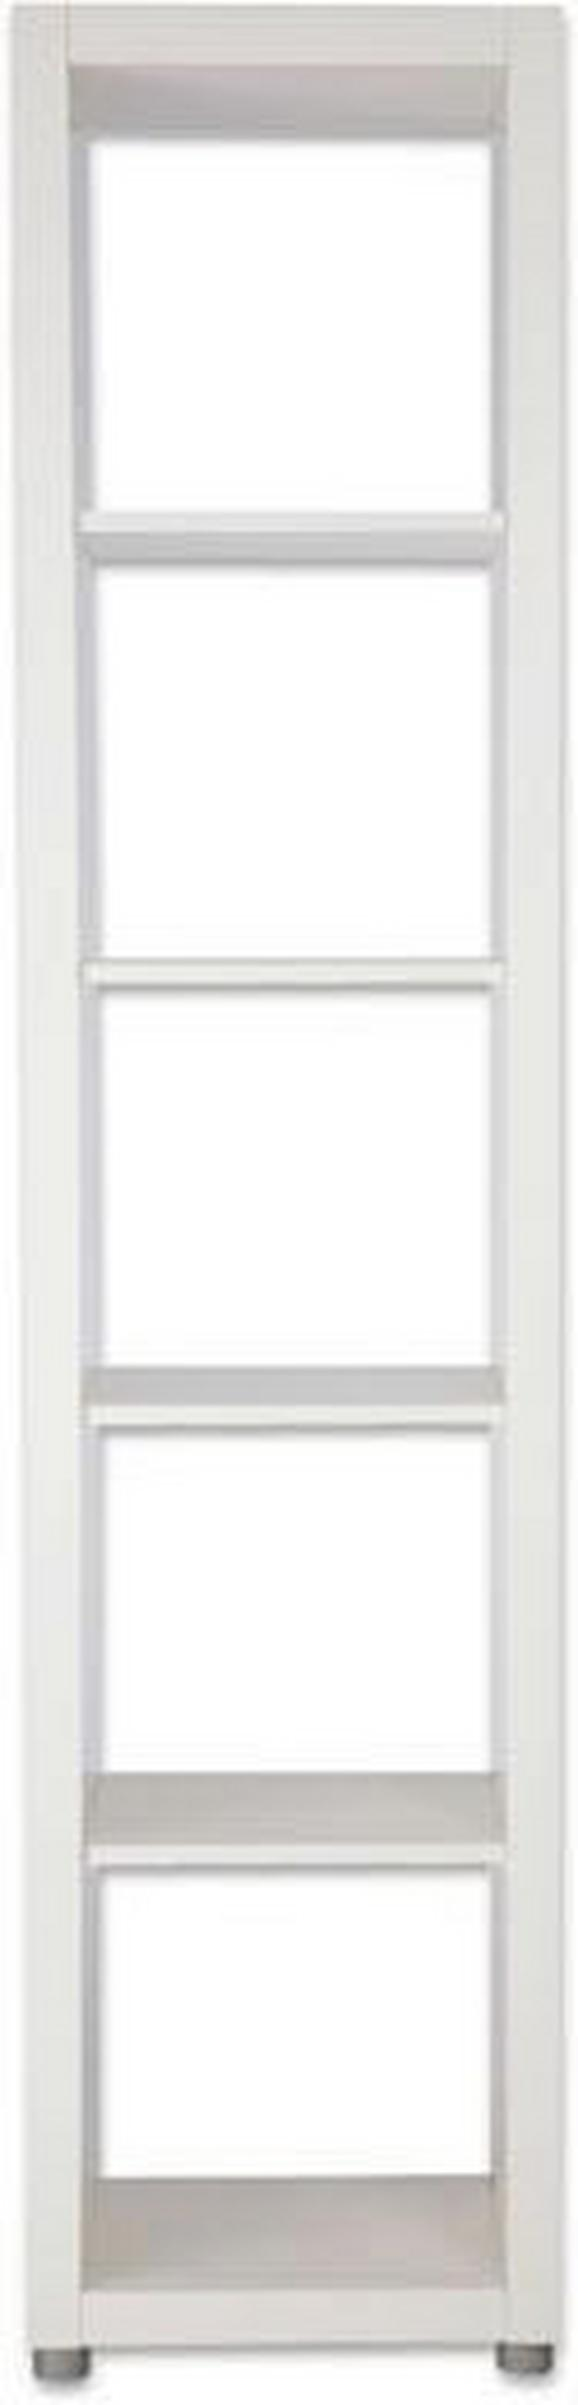 Raumteiler in Weiß lackiert - Silberfarben/Weiß, Basics, Holzwerkstoff/Kunststoff (44/191/35cm) - MÖMAX modern living